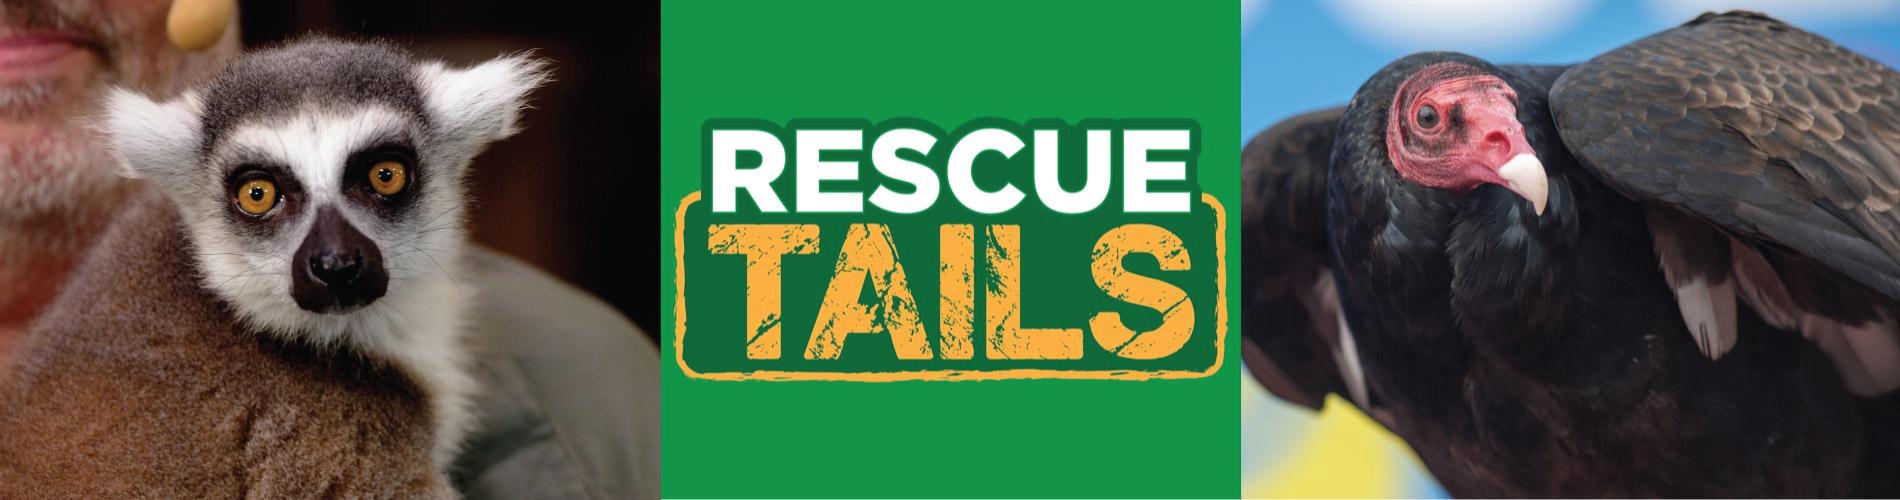 Rescue Tails at SeaWorld Orlando